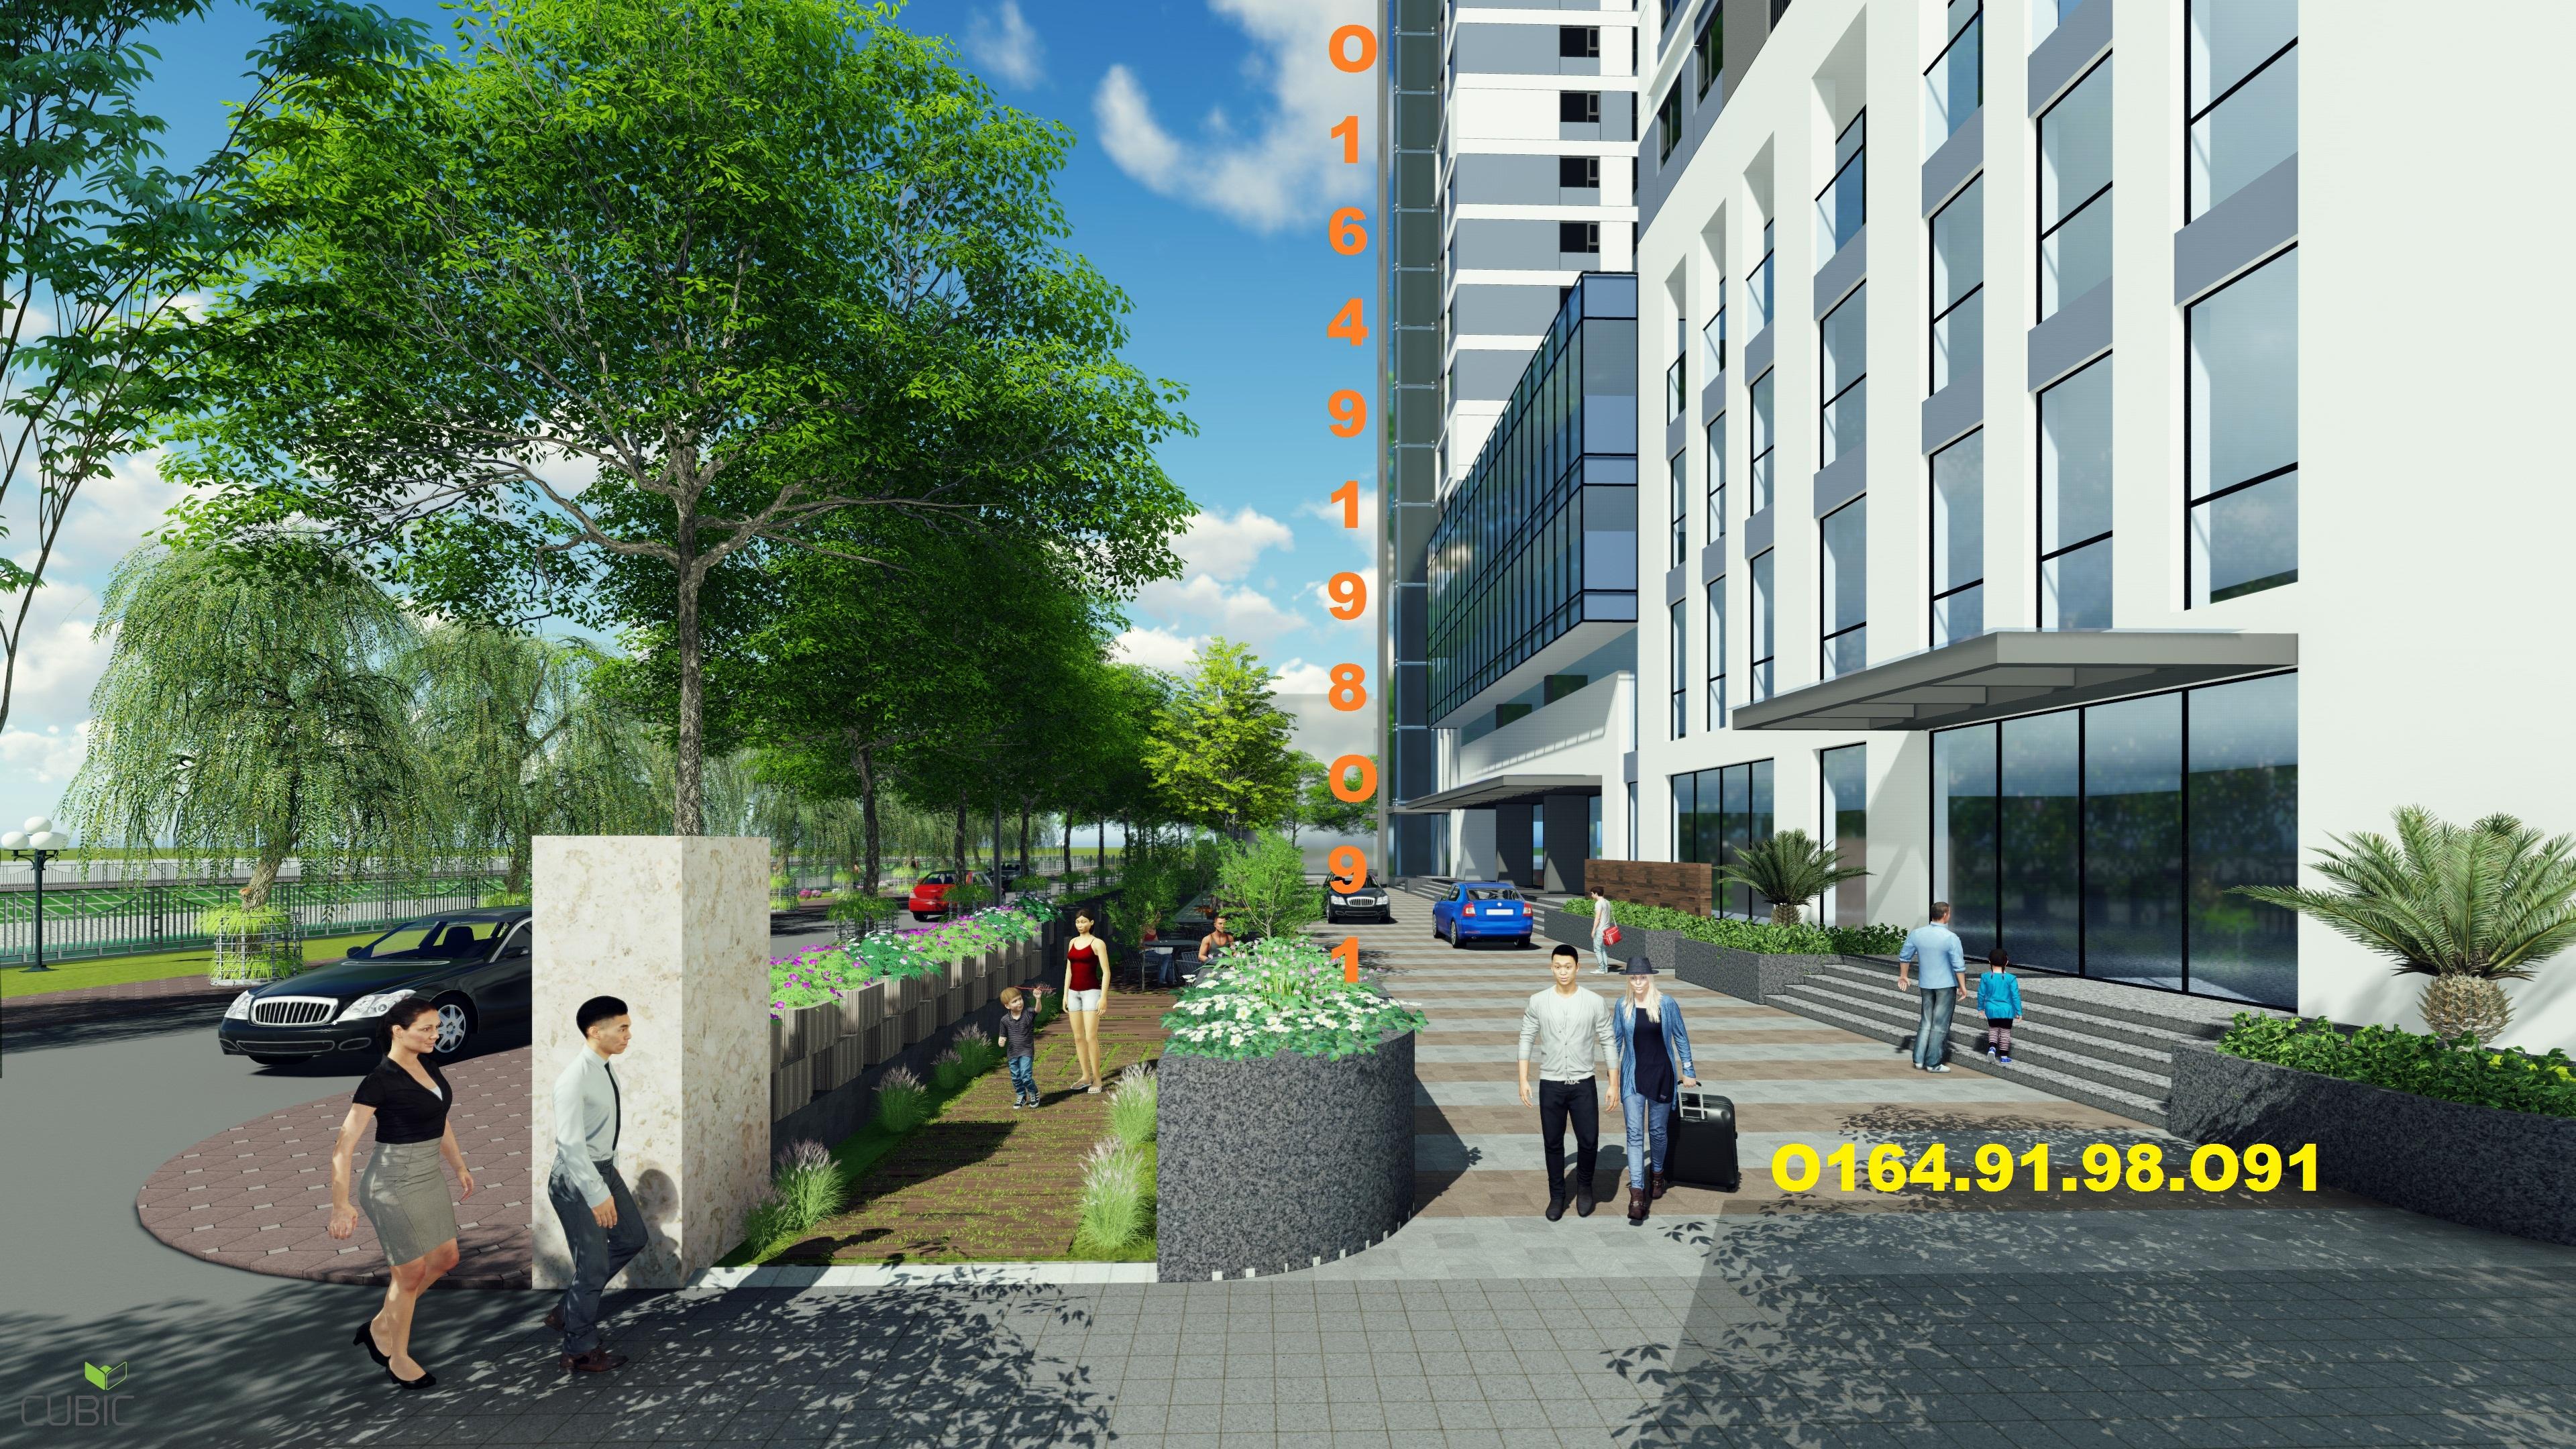 cảnh quan chung cư 349 vũ tông phan 3 lớp cây xanh